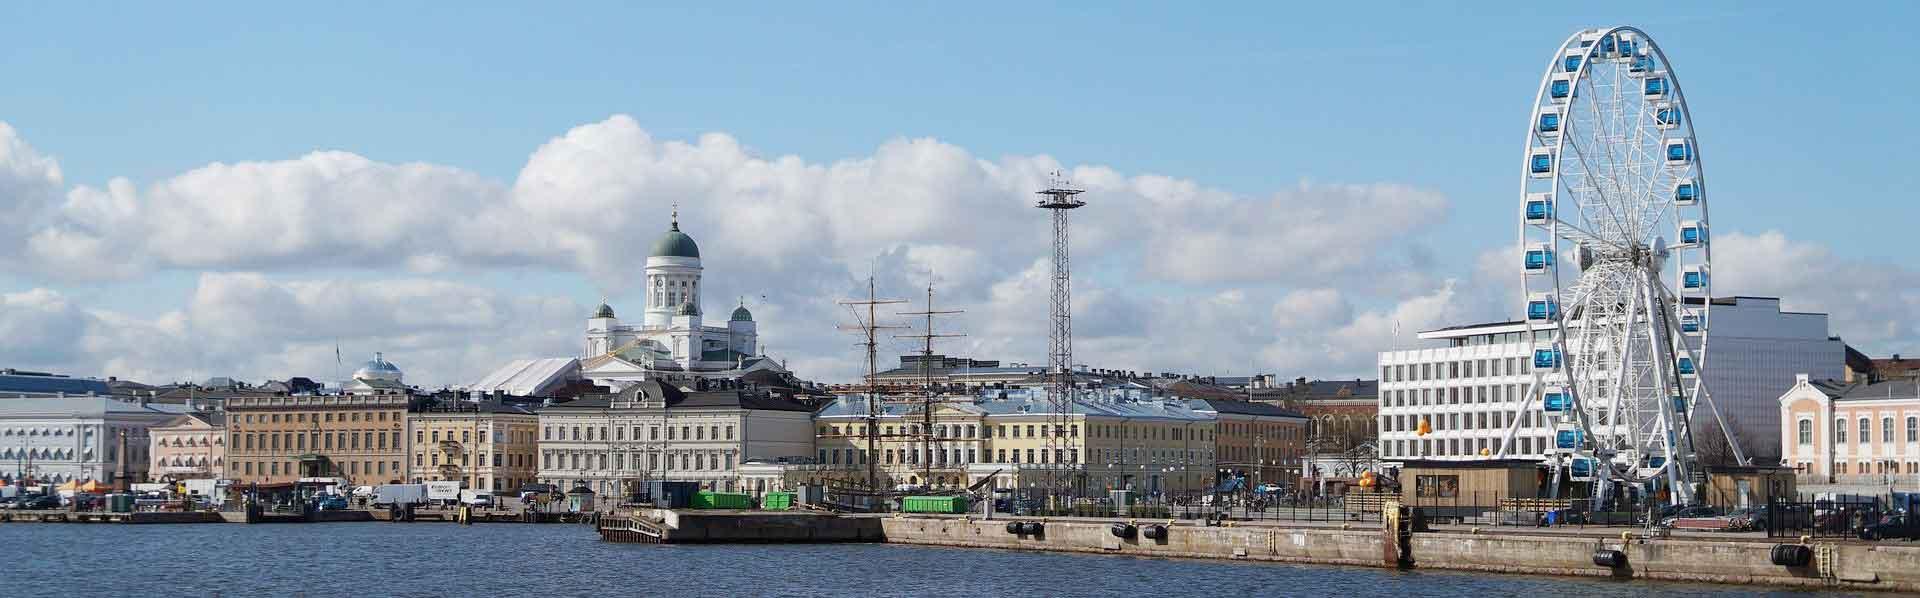 Helsinki – maailman 3. paras kaupunki